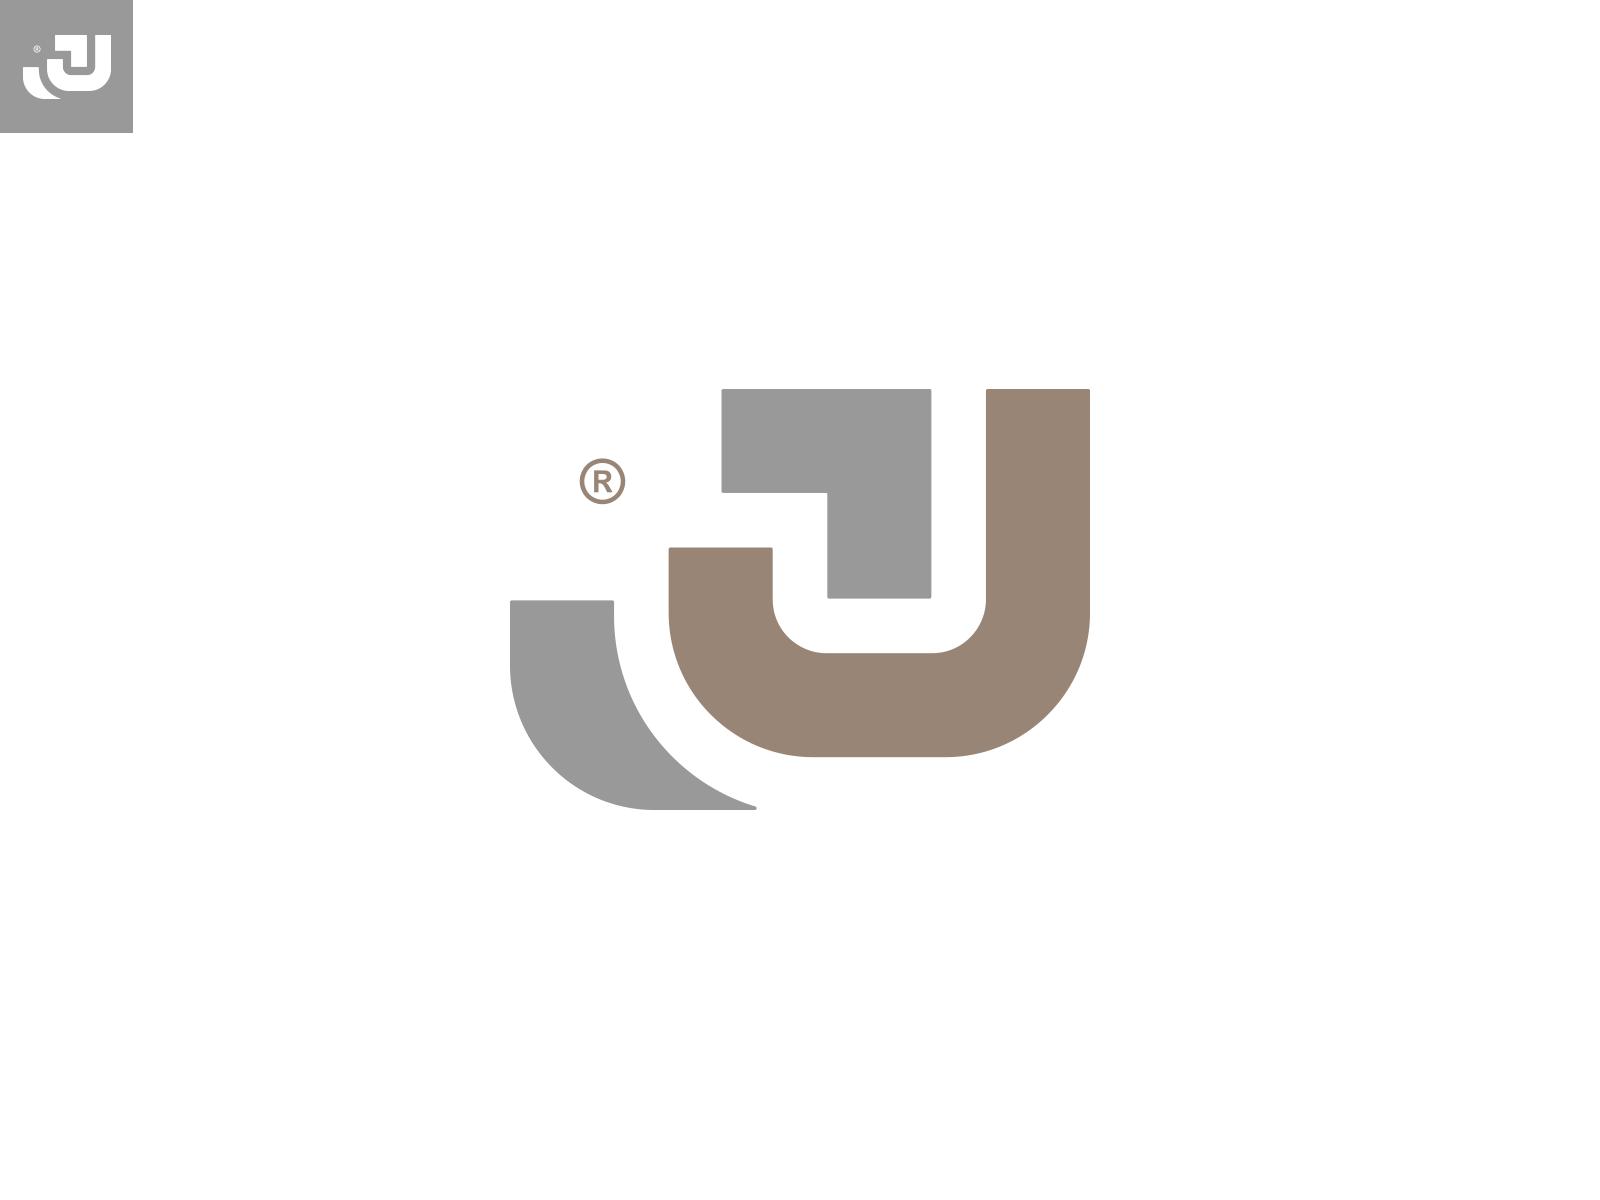 JJ Logo by Jimper on Dribbble.